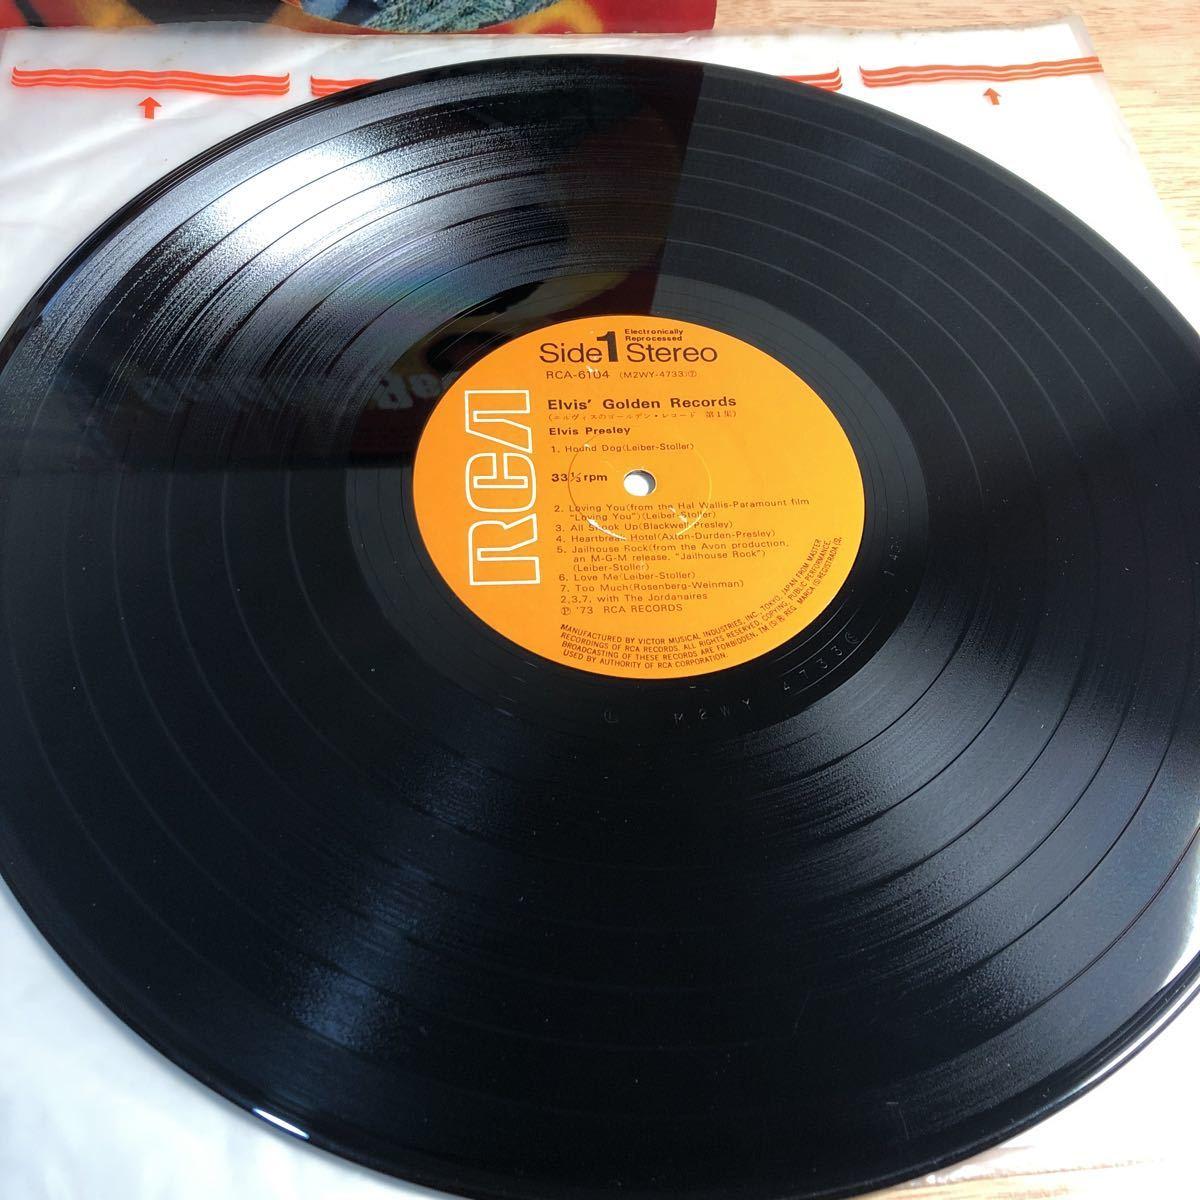 レア盤★LPレコード★エルヴィス・プレスリー★エルヴィスのゴールデン・レコード第1集★ 是非この機会に レコード多数出品中_画像4